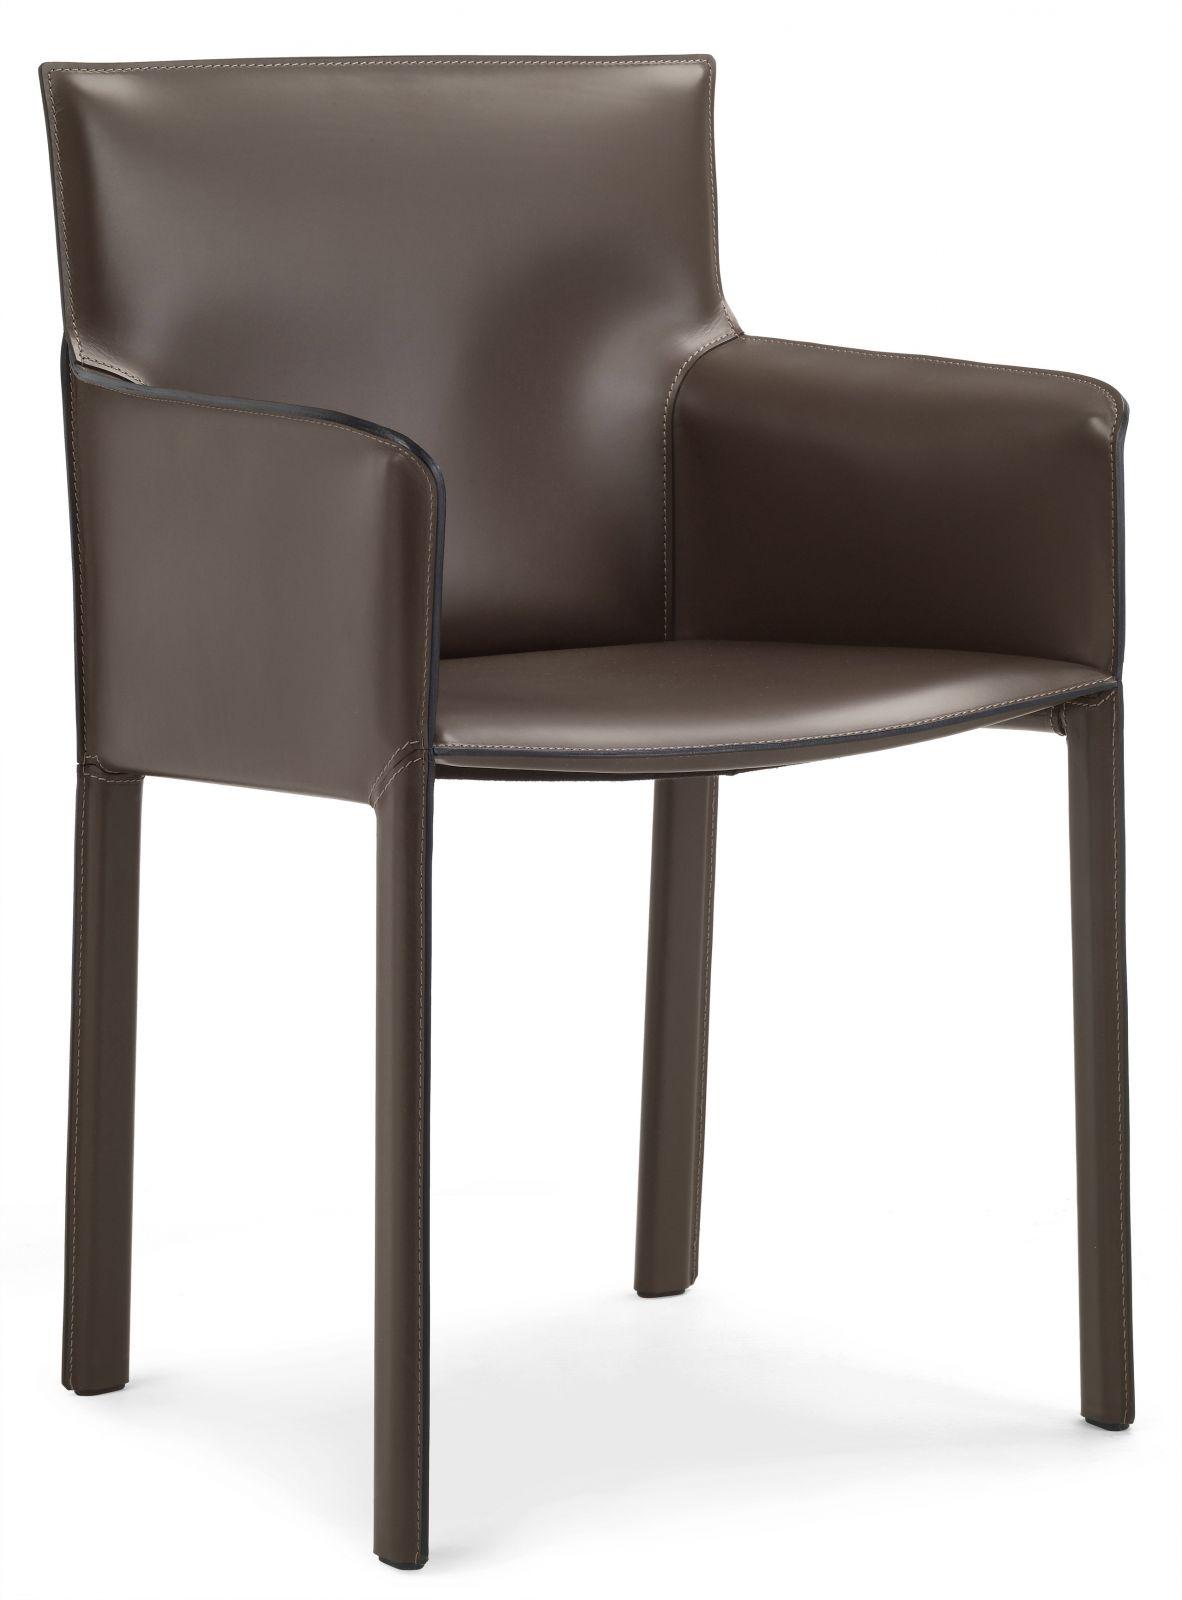 MOF 107 Modern Office Chair